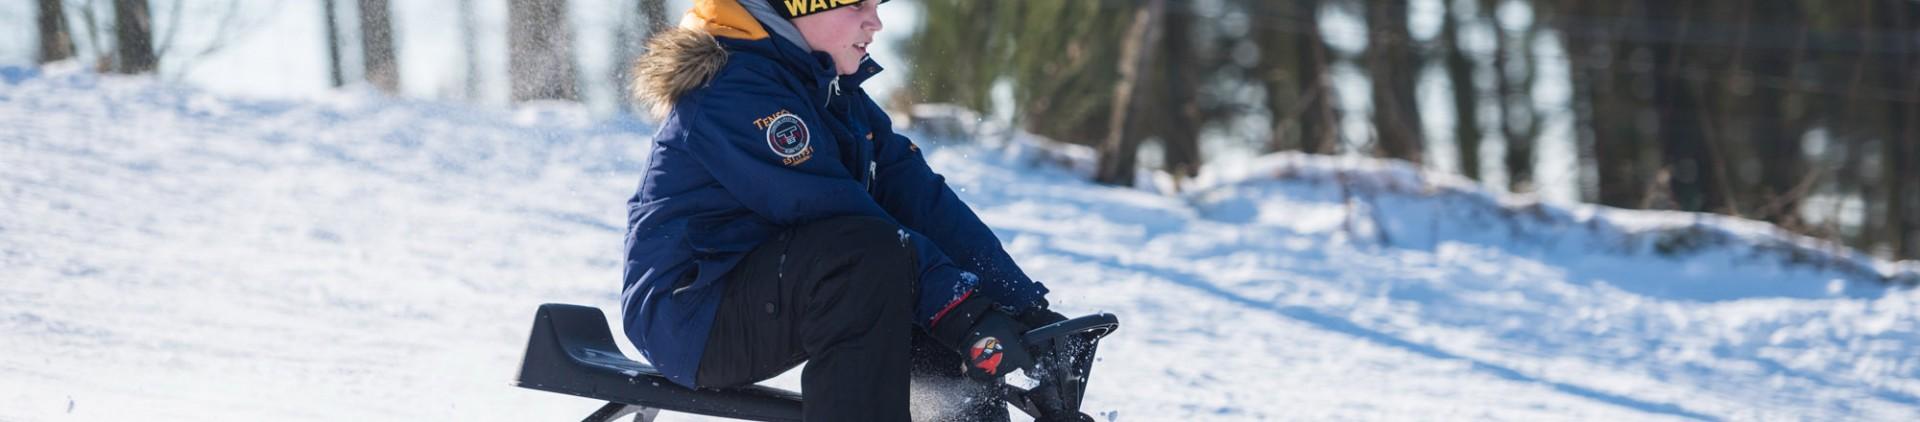 7 lieux où jouer dans la neige avec les enfants en province de Liège